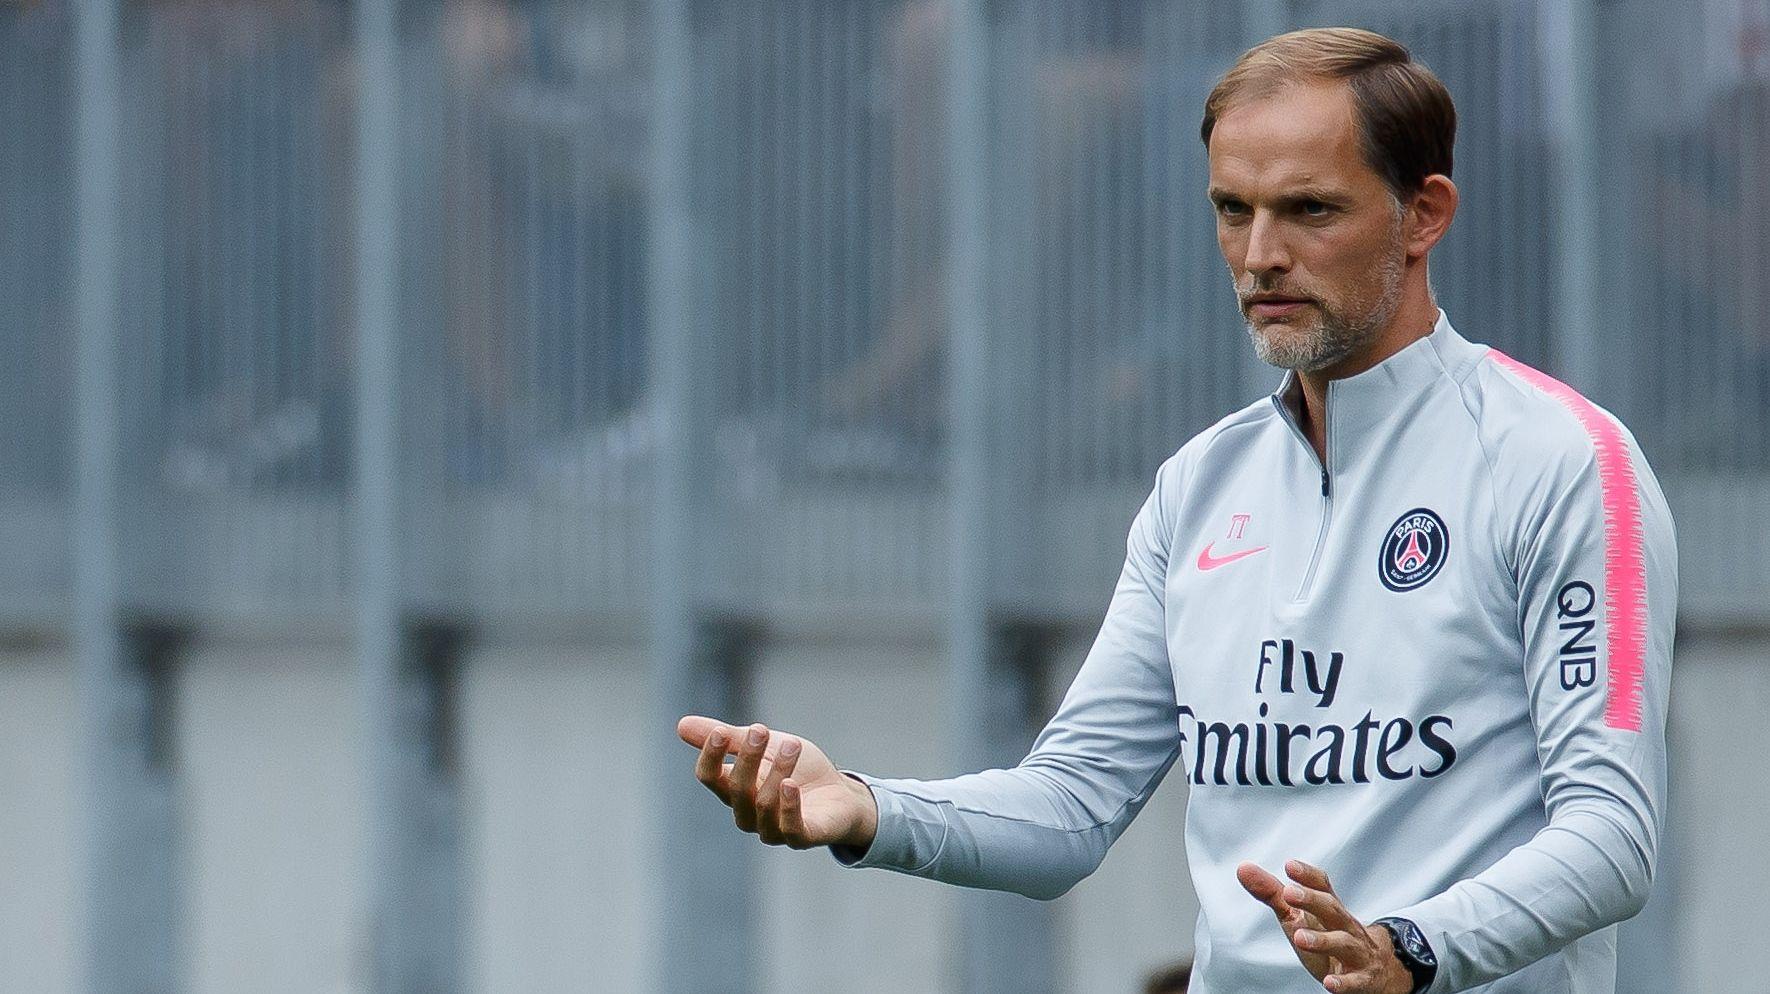 """Tuchel: """"C'est très important d'avoir de l'expérience en Ligue des Champions, le PSG manque de cela c'est clair"""""""